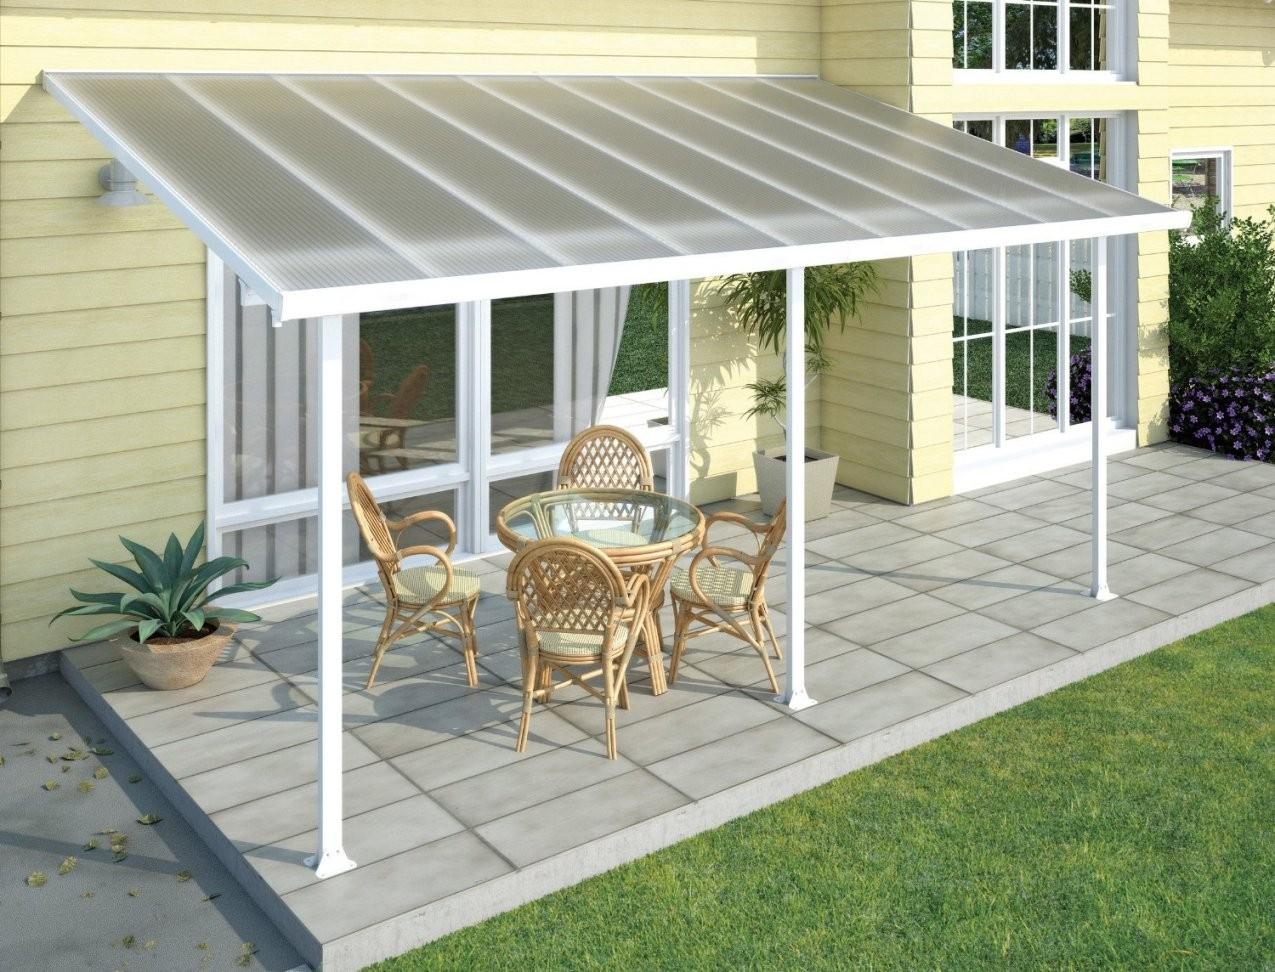 Perfekte Terrassenüberdachung – Terrassendach Im Garten von Terrassenüberdachung Freistehend Holz Selber Bauen Bild